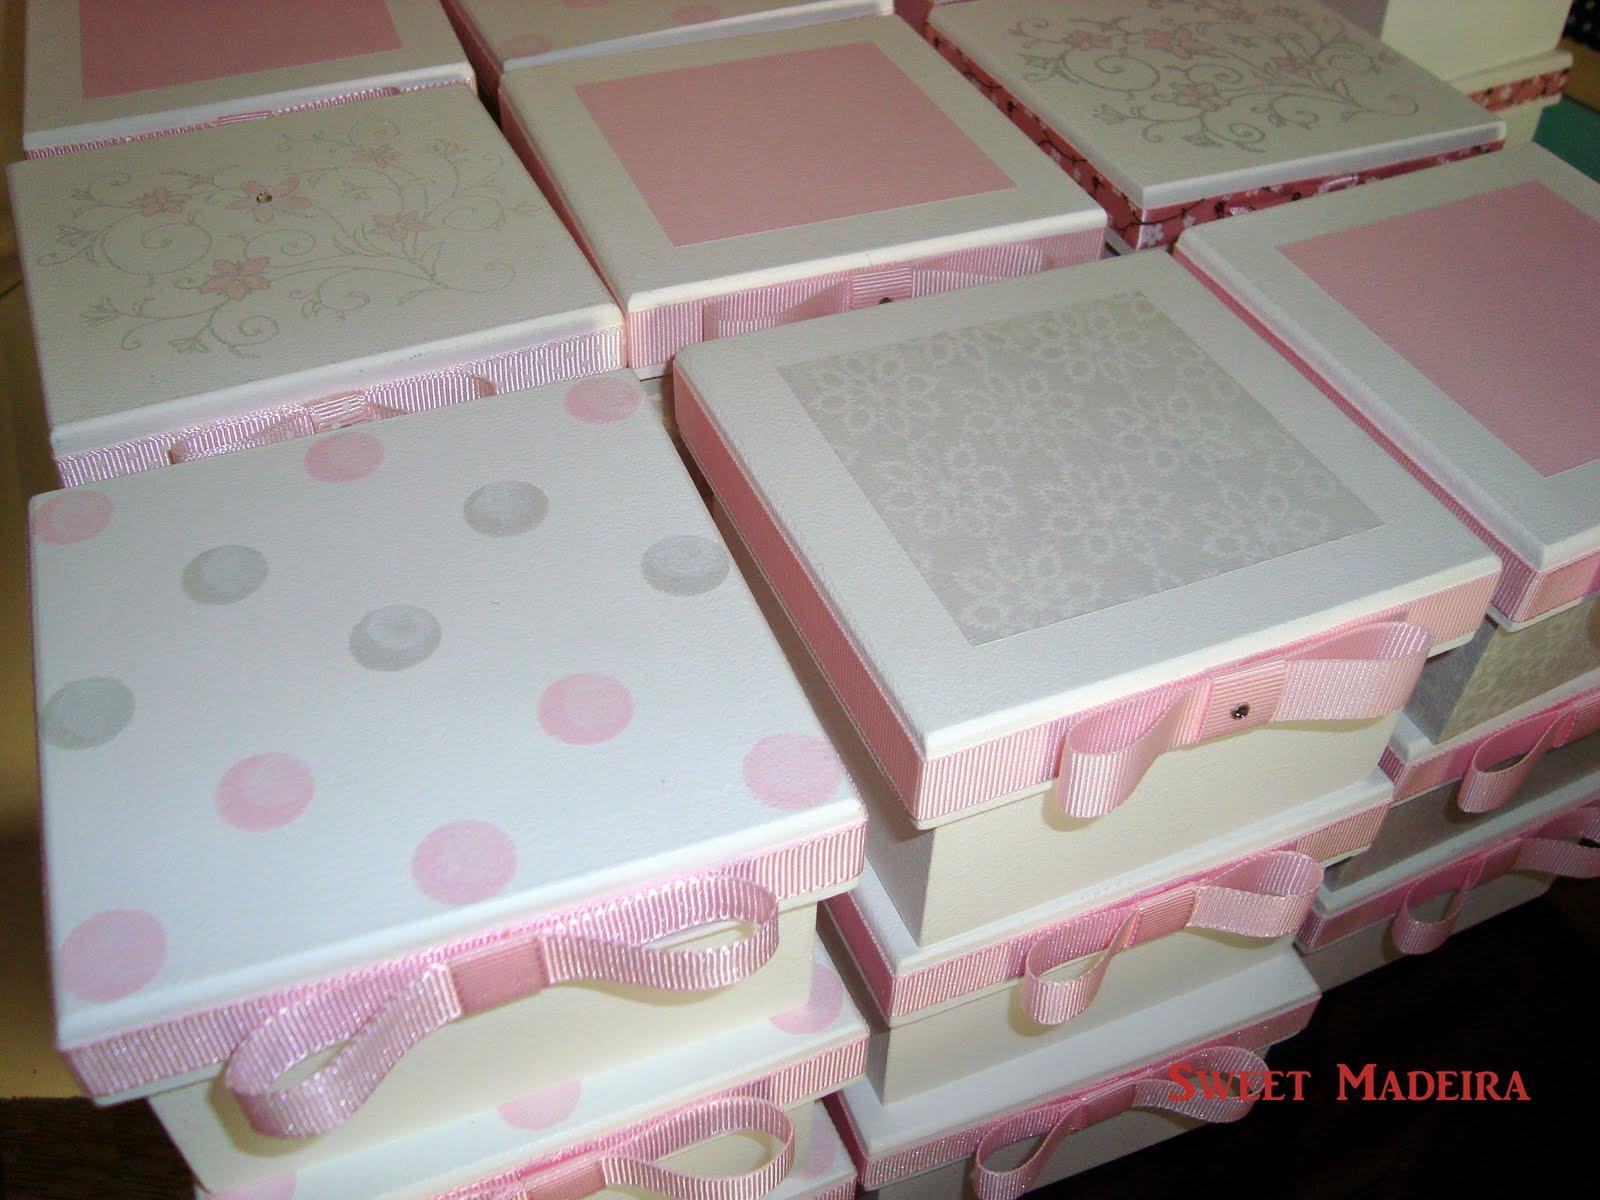 Lembrancinhas de Maternidade #1D160F 1600x1200